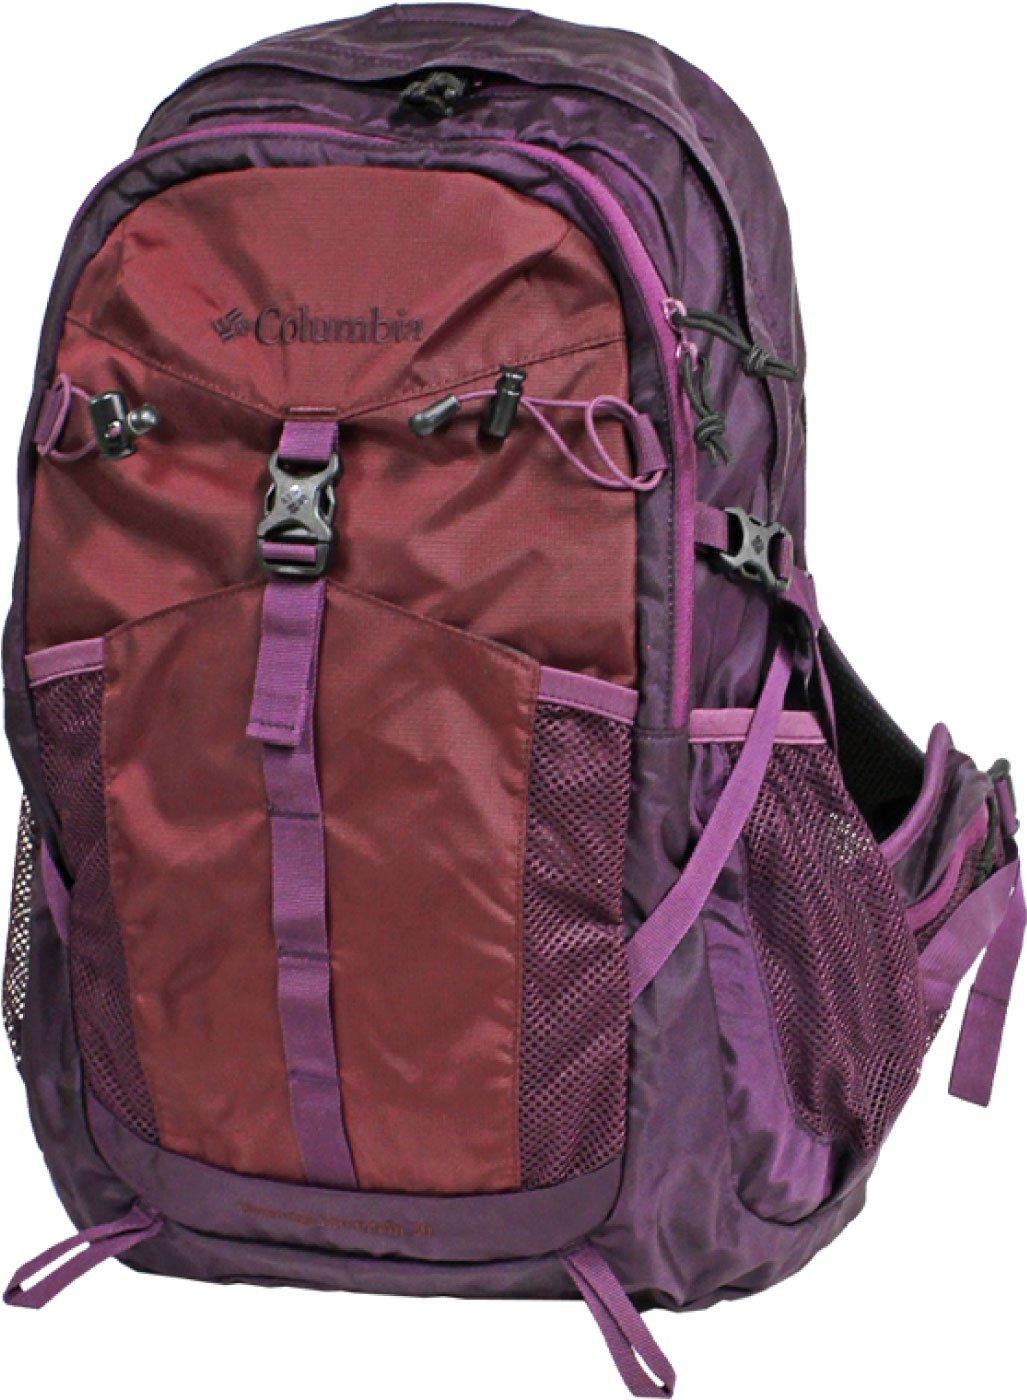 (コロンビア) Columbia ブルーリッジマウンテン 30L バックパック II PU8180 B079RZ2N21 562:Purple Dahlia 562:Purple Dahlia